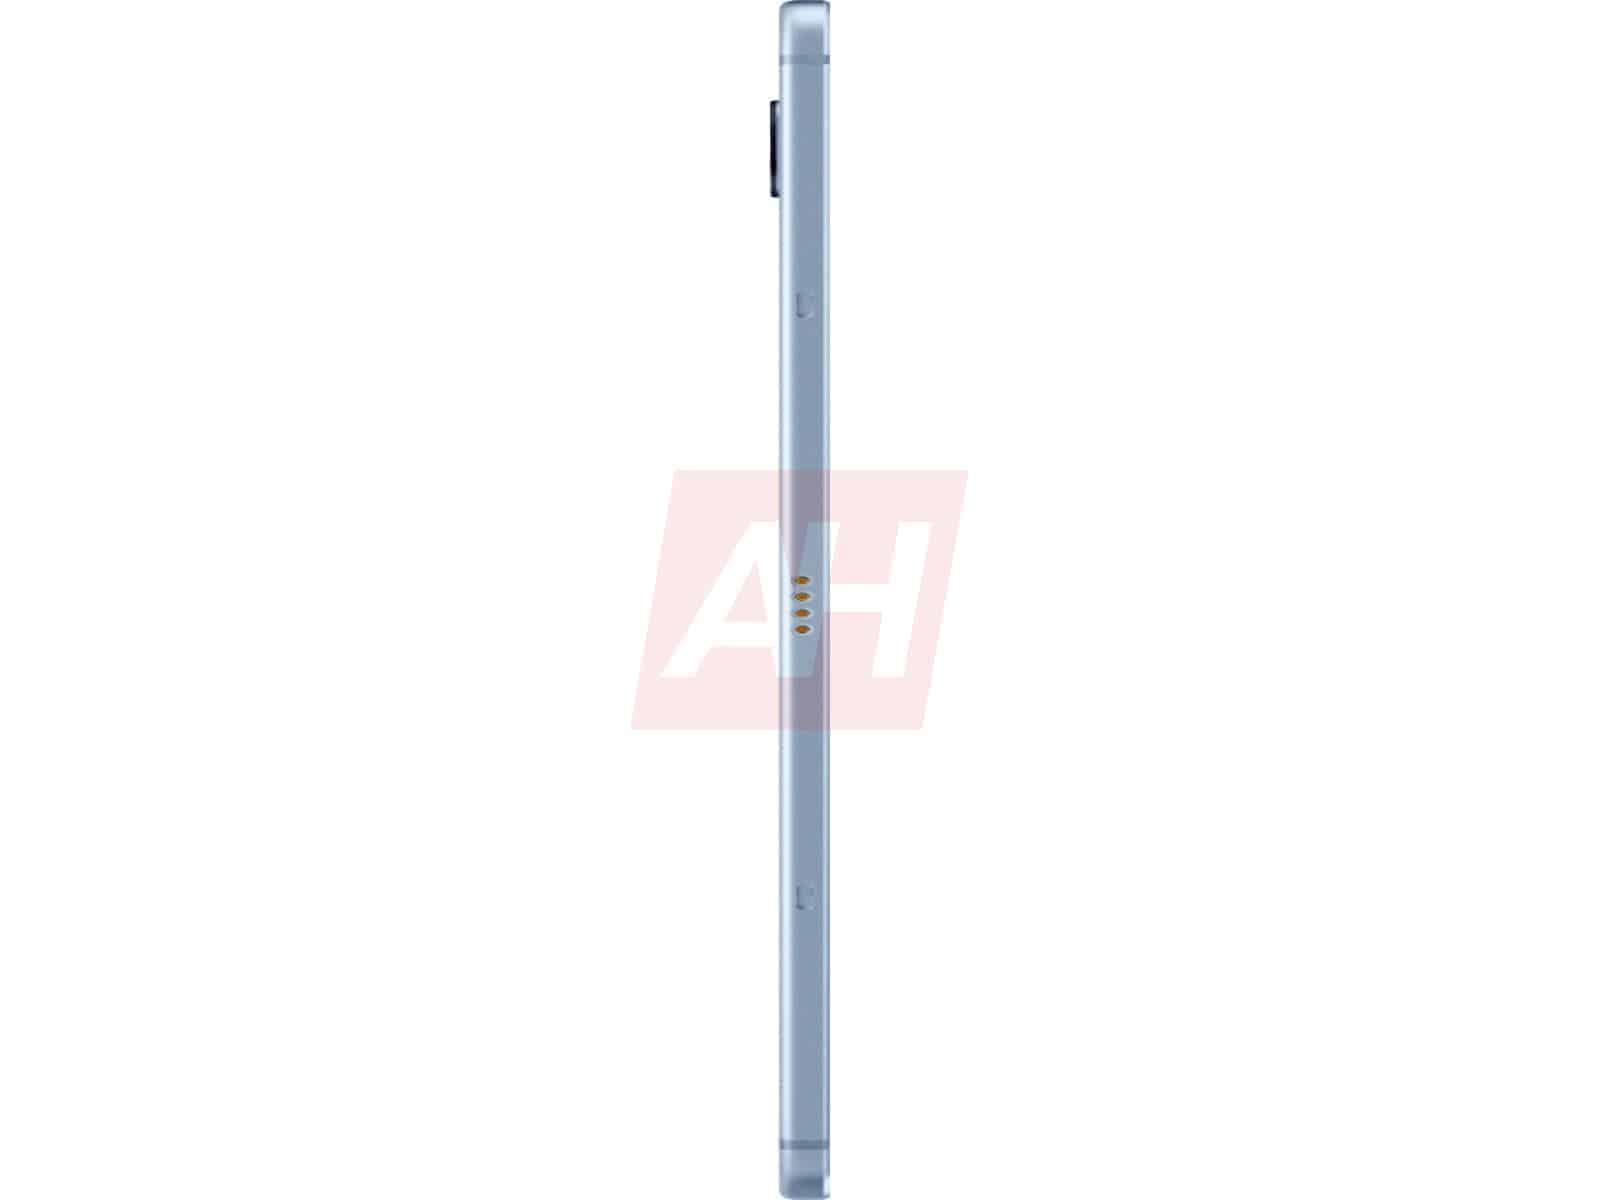 Samsung Galaxy Tab S6 Leak Blue 9